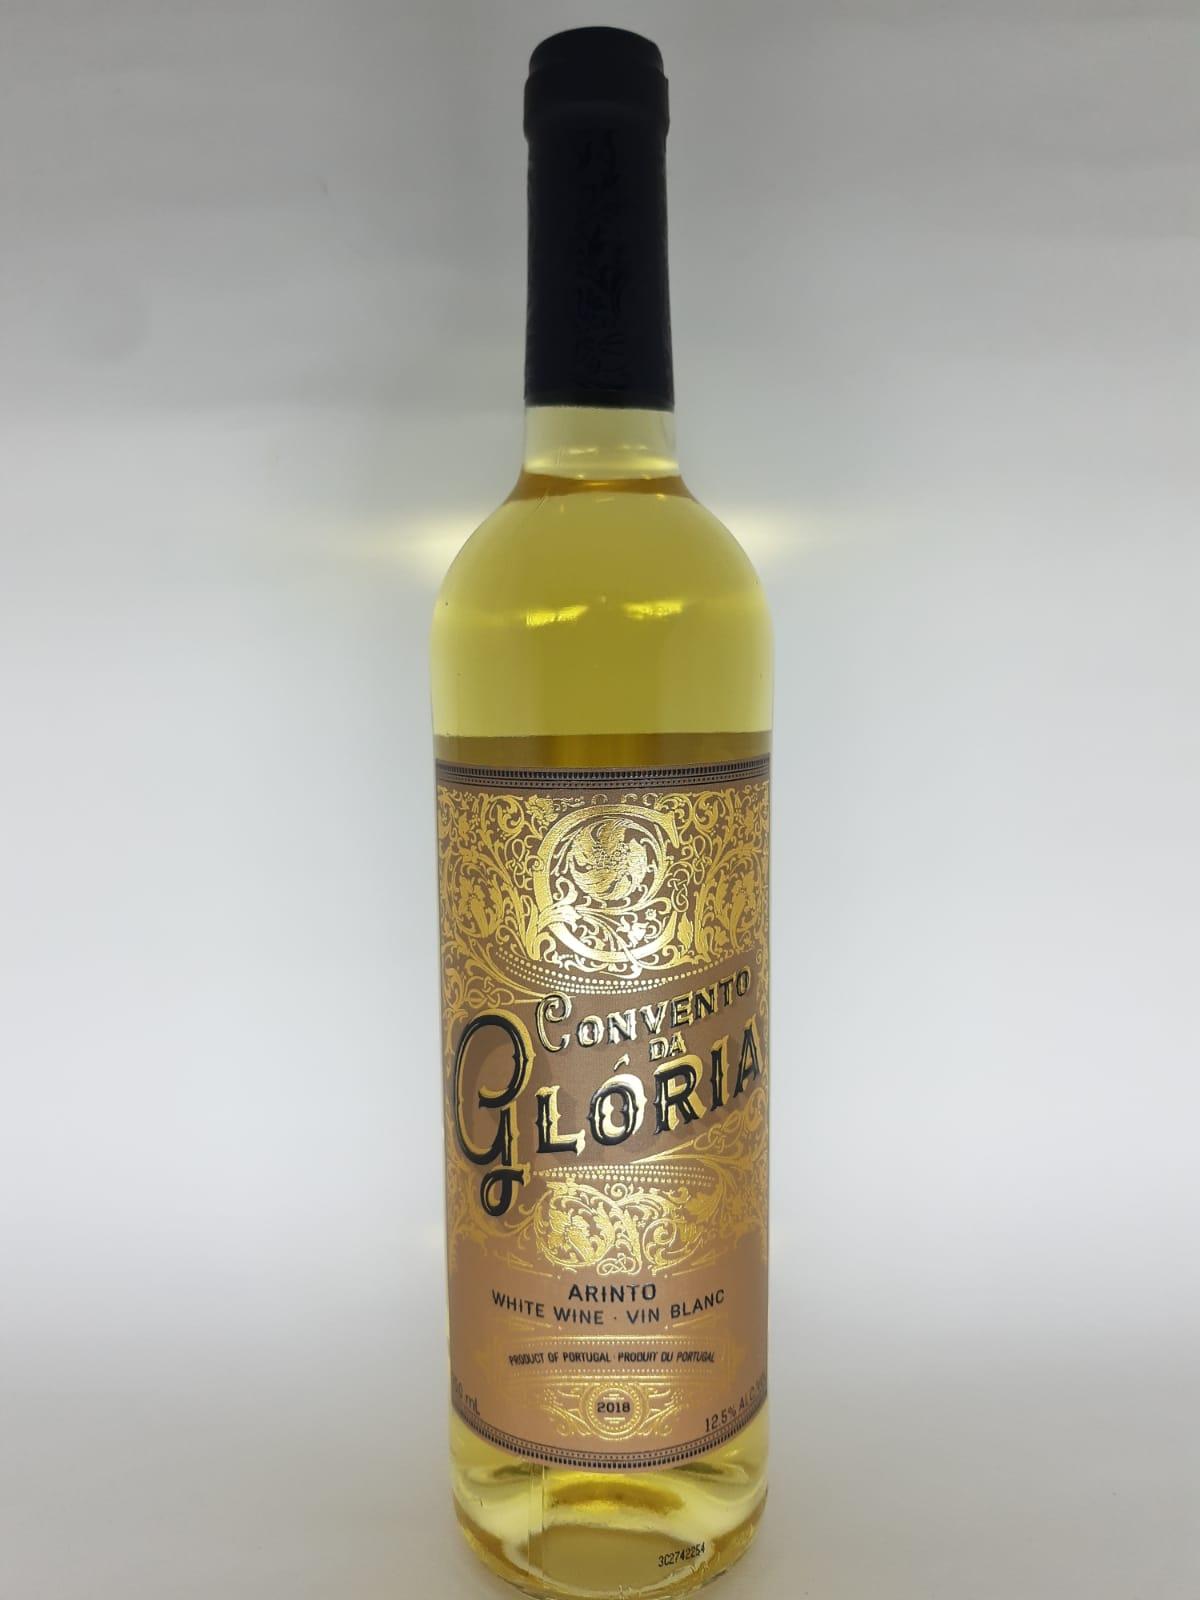 Vinho Convento Da Glória Arinto 750ml